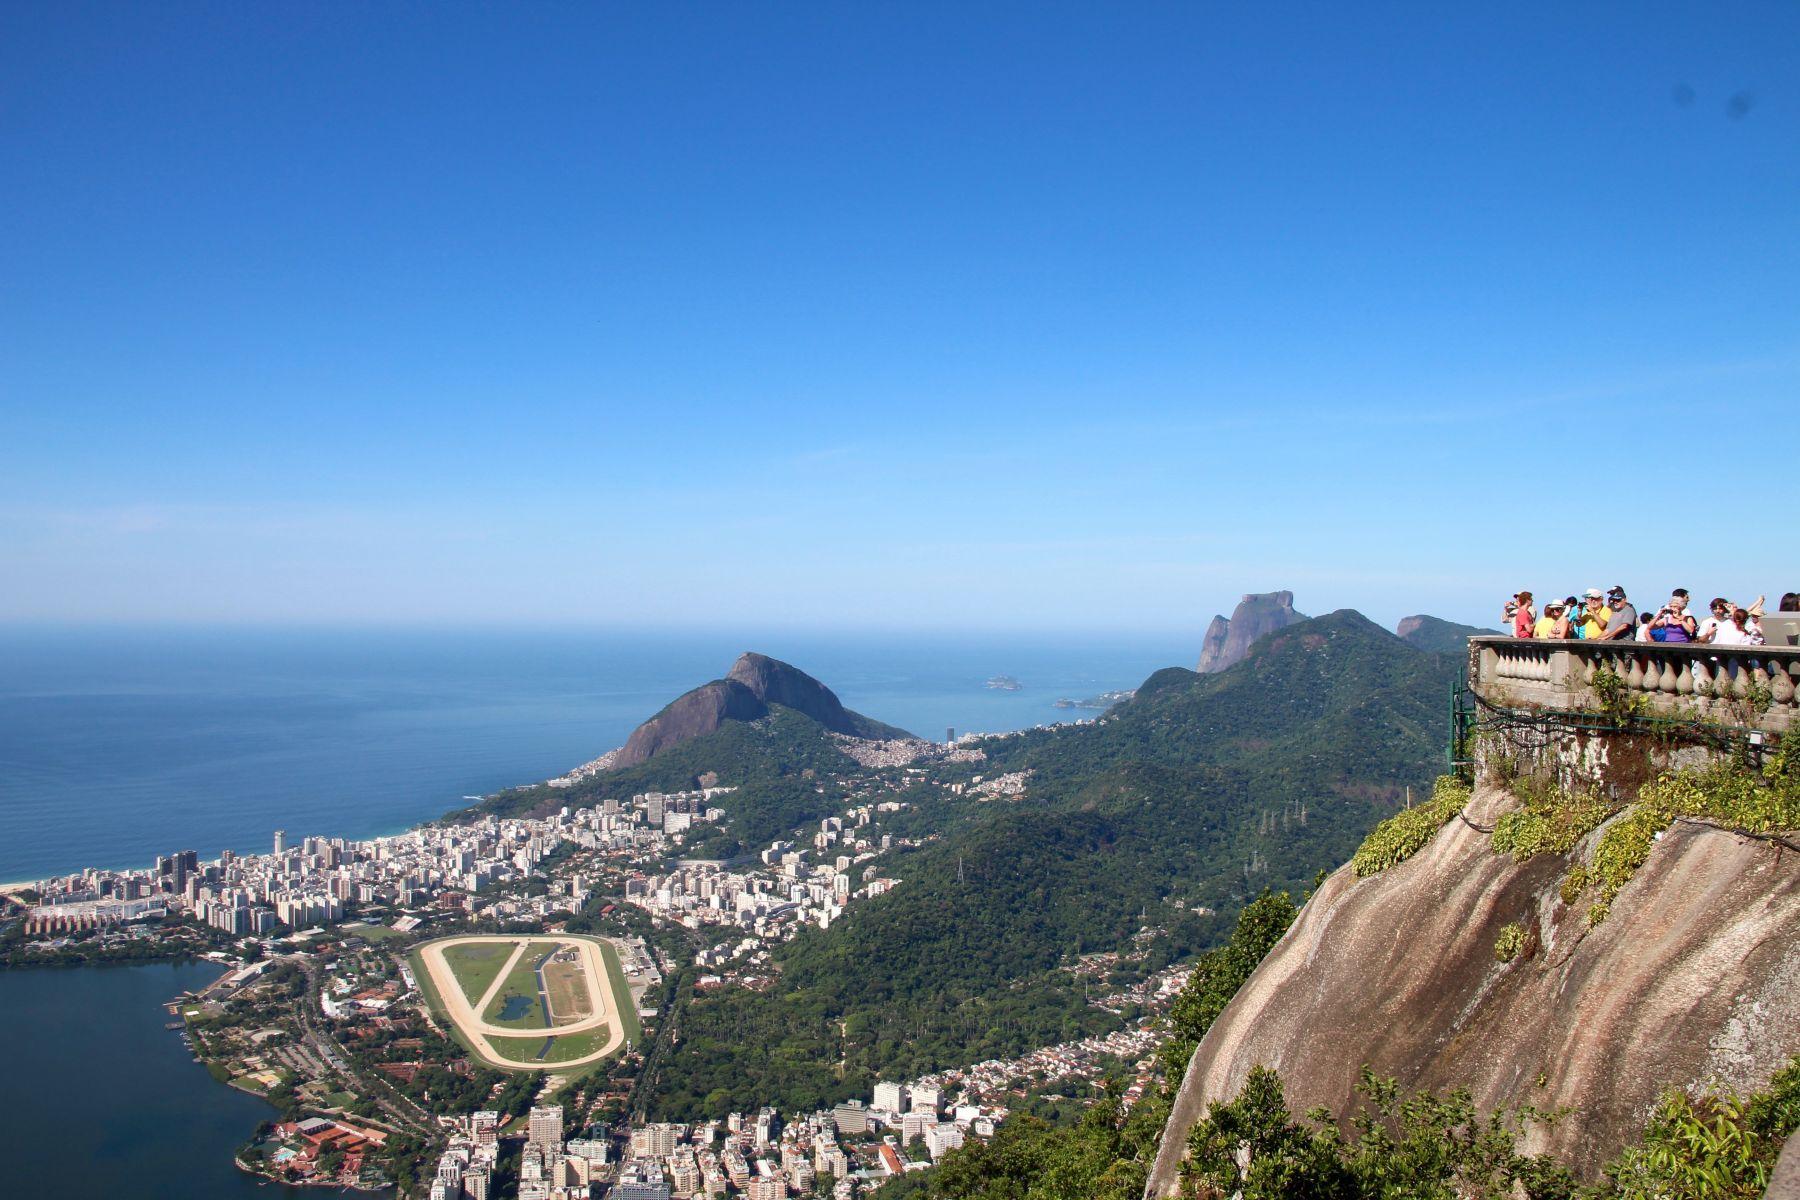 View of Rio de Janeiro from Christo Redentor.